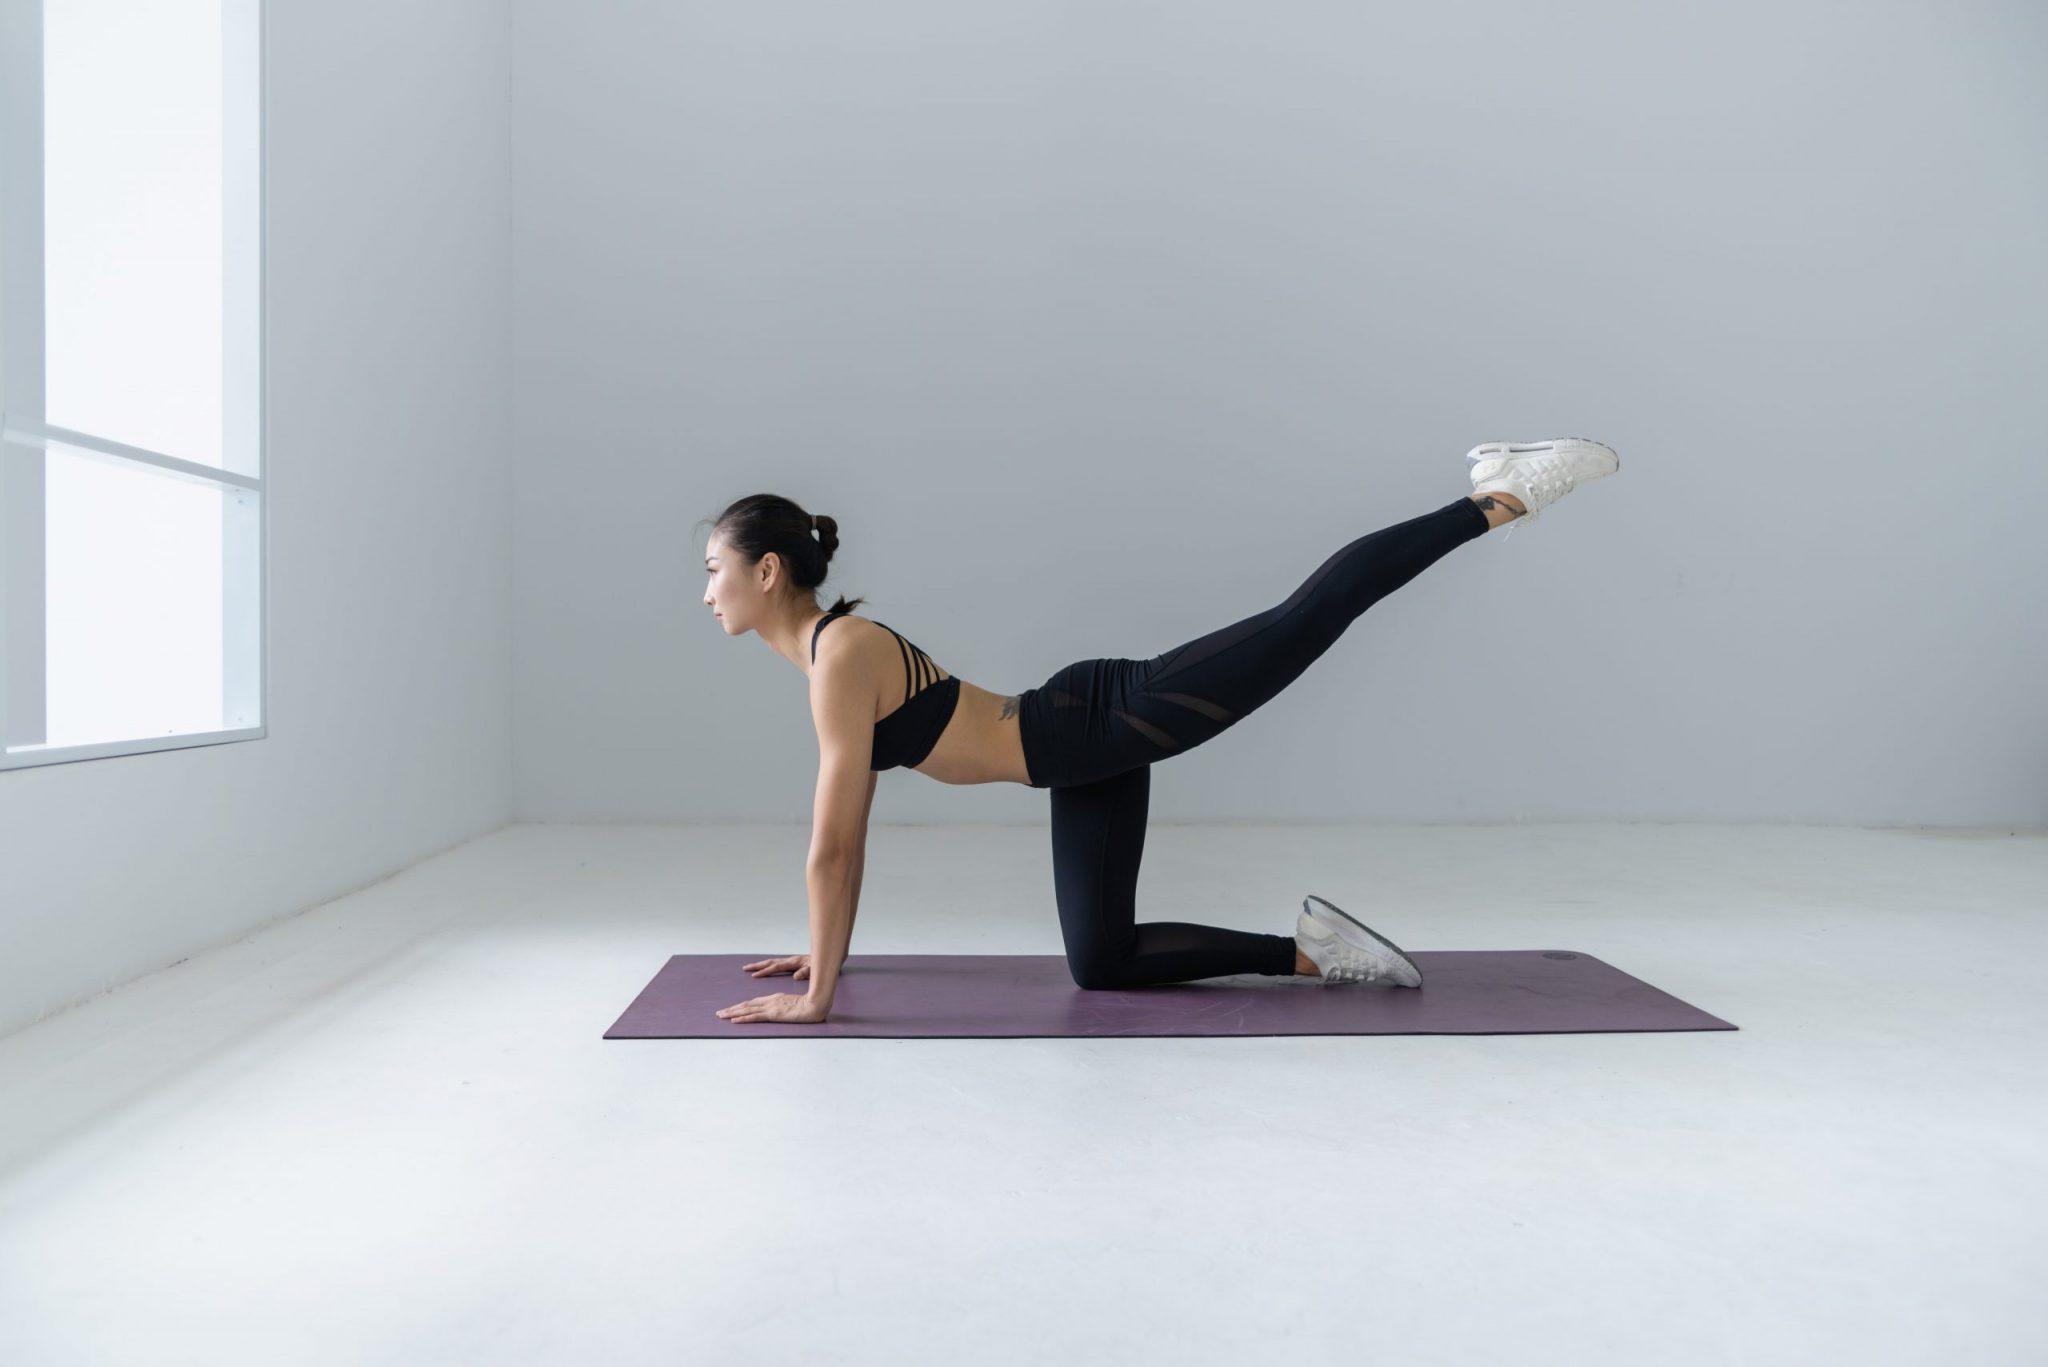 Acompanhamento online é alternativa para professores de dança, ioga, pilates, ginástica, etc..